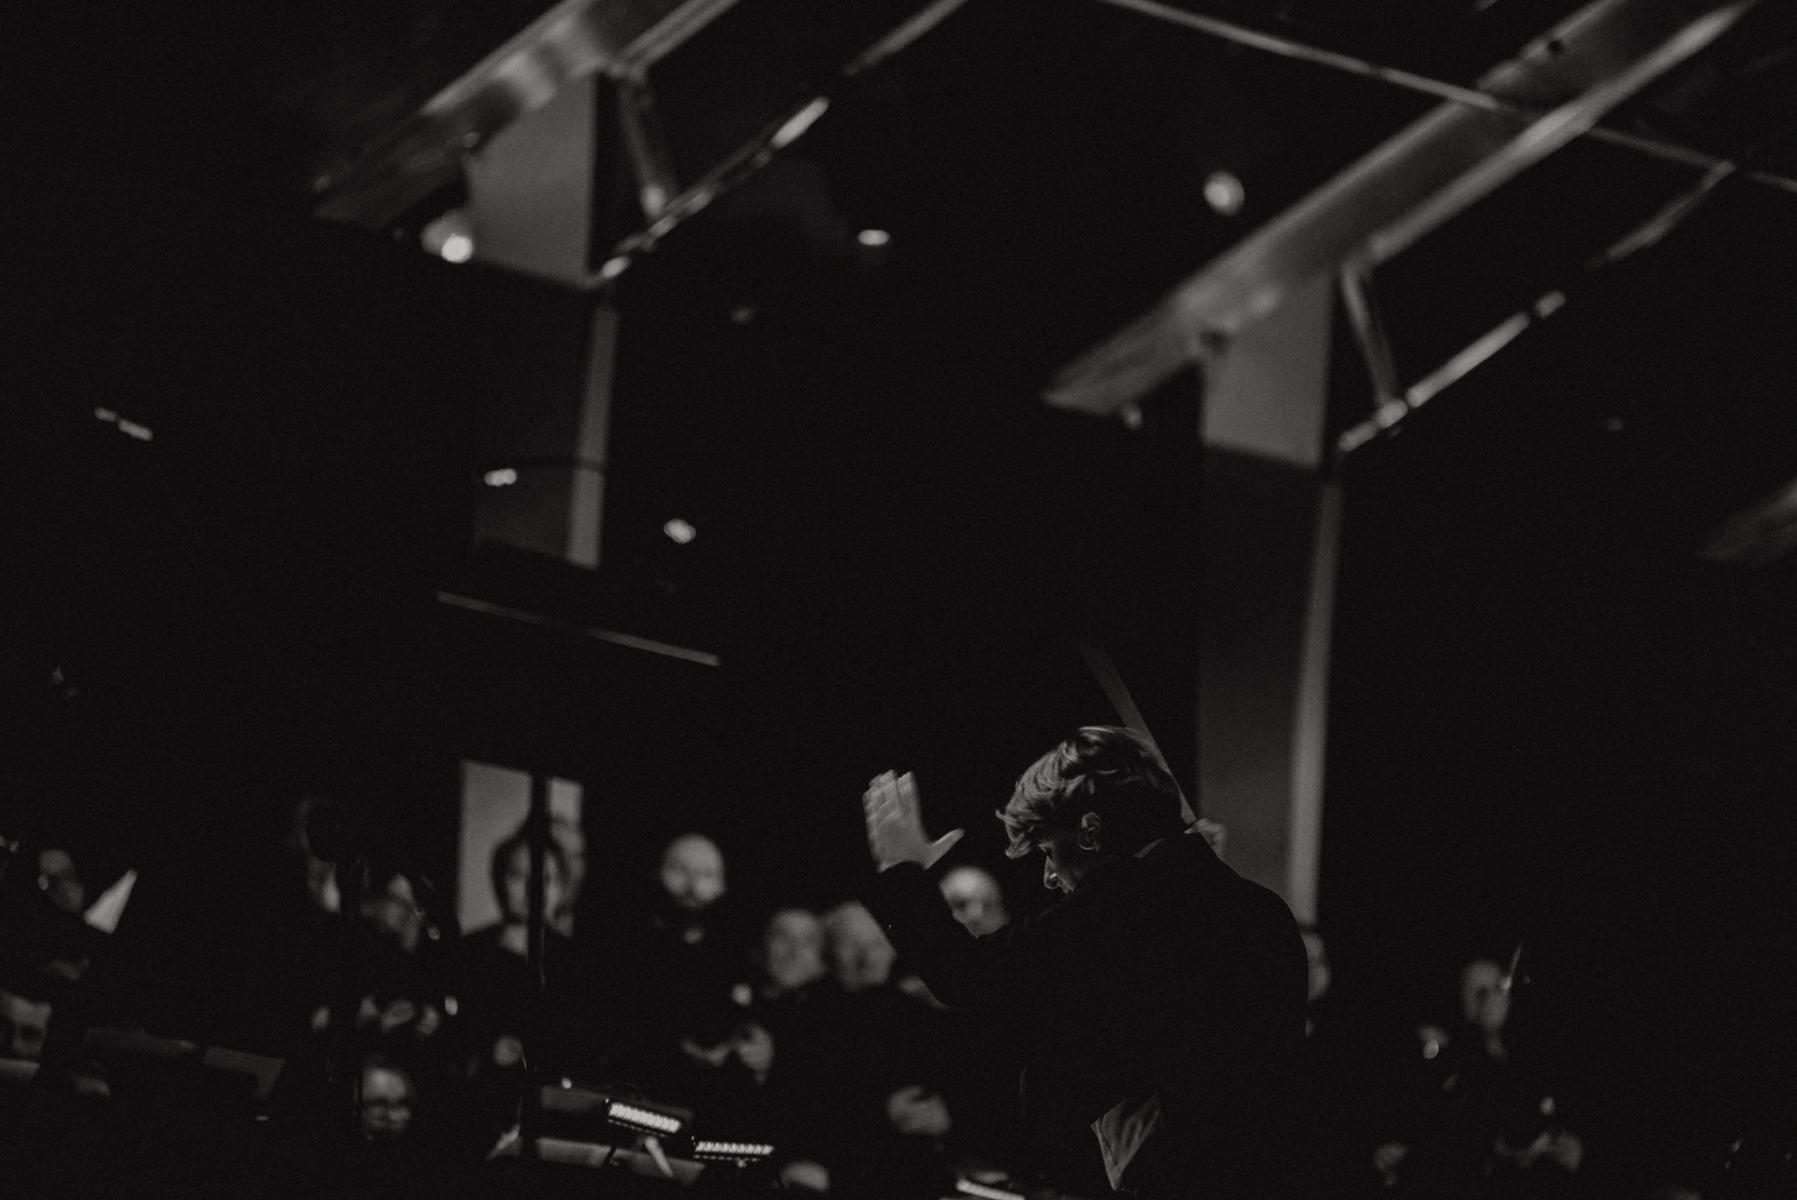 Czarno-białe zdjęcie. Muzycy na scenie